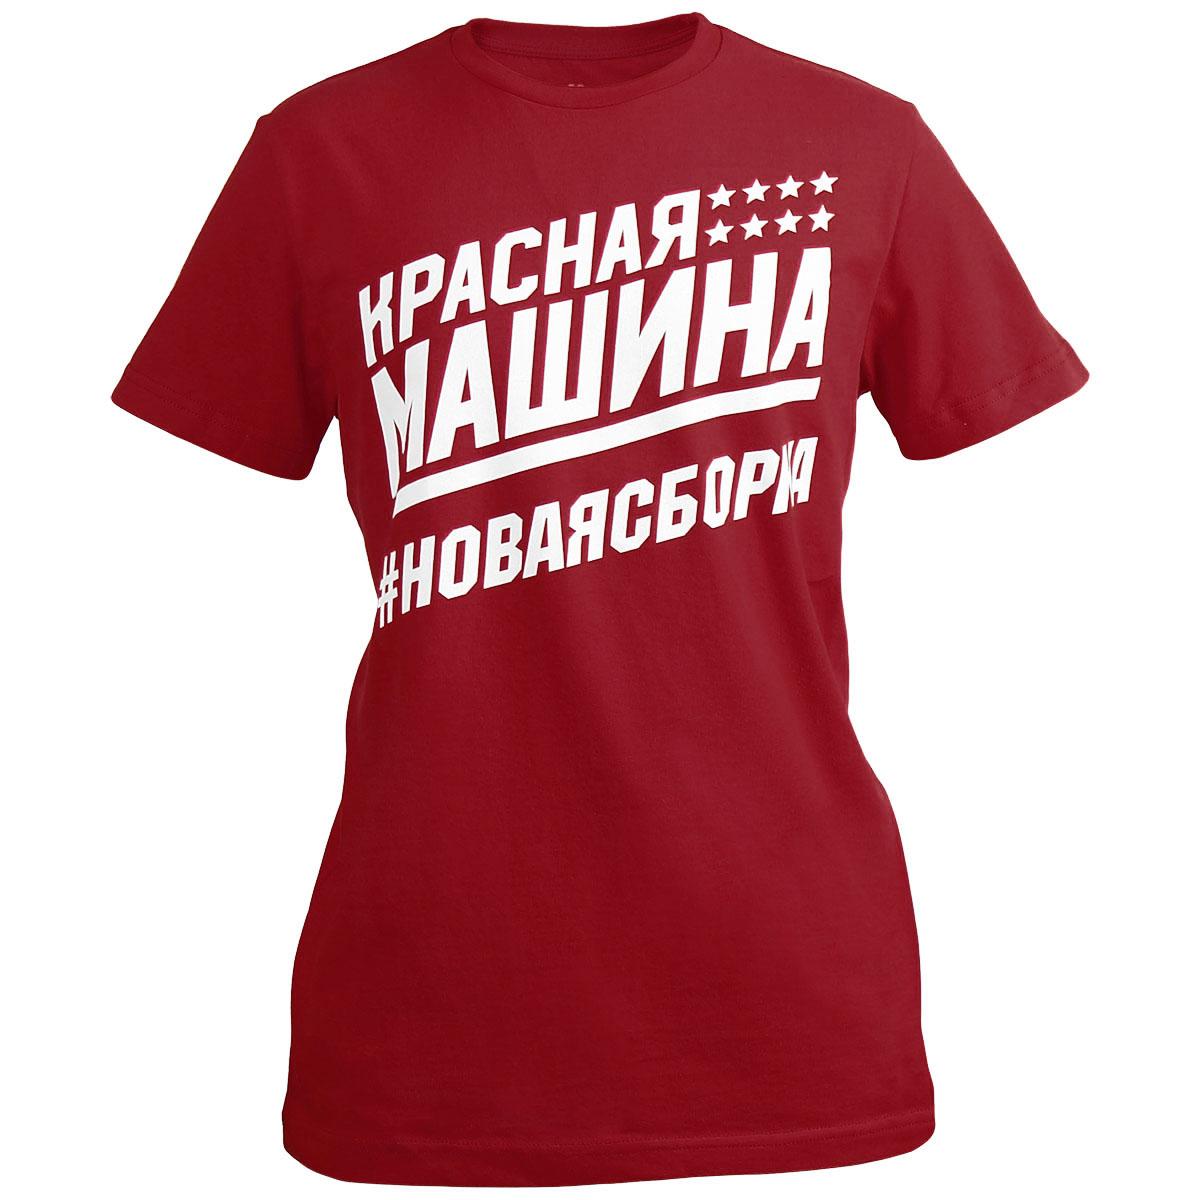 Футболка мужская Красная Машина, цвет: красный. 65160010. Размер S (46) сайт красная машина